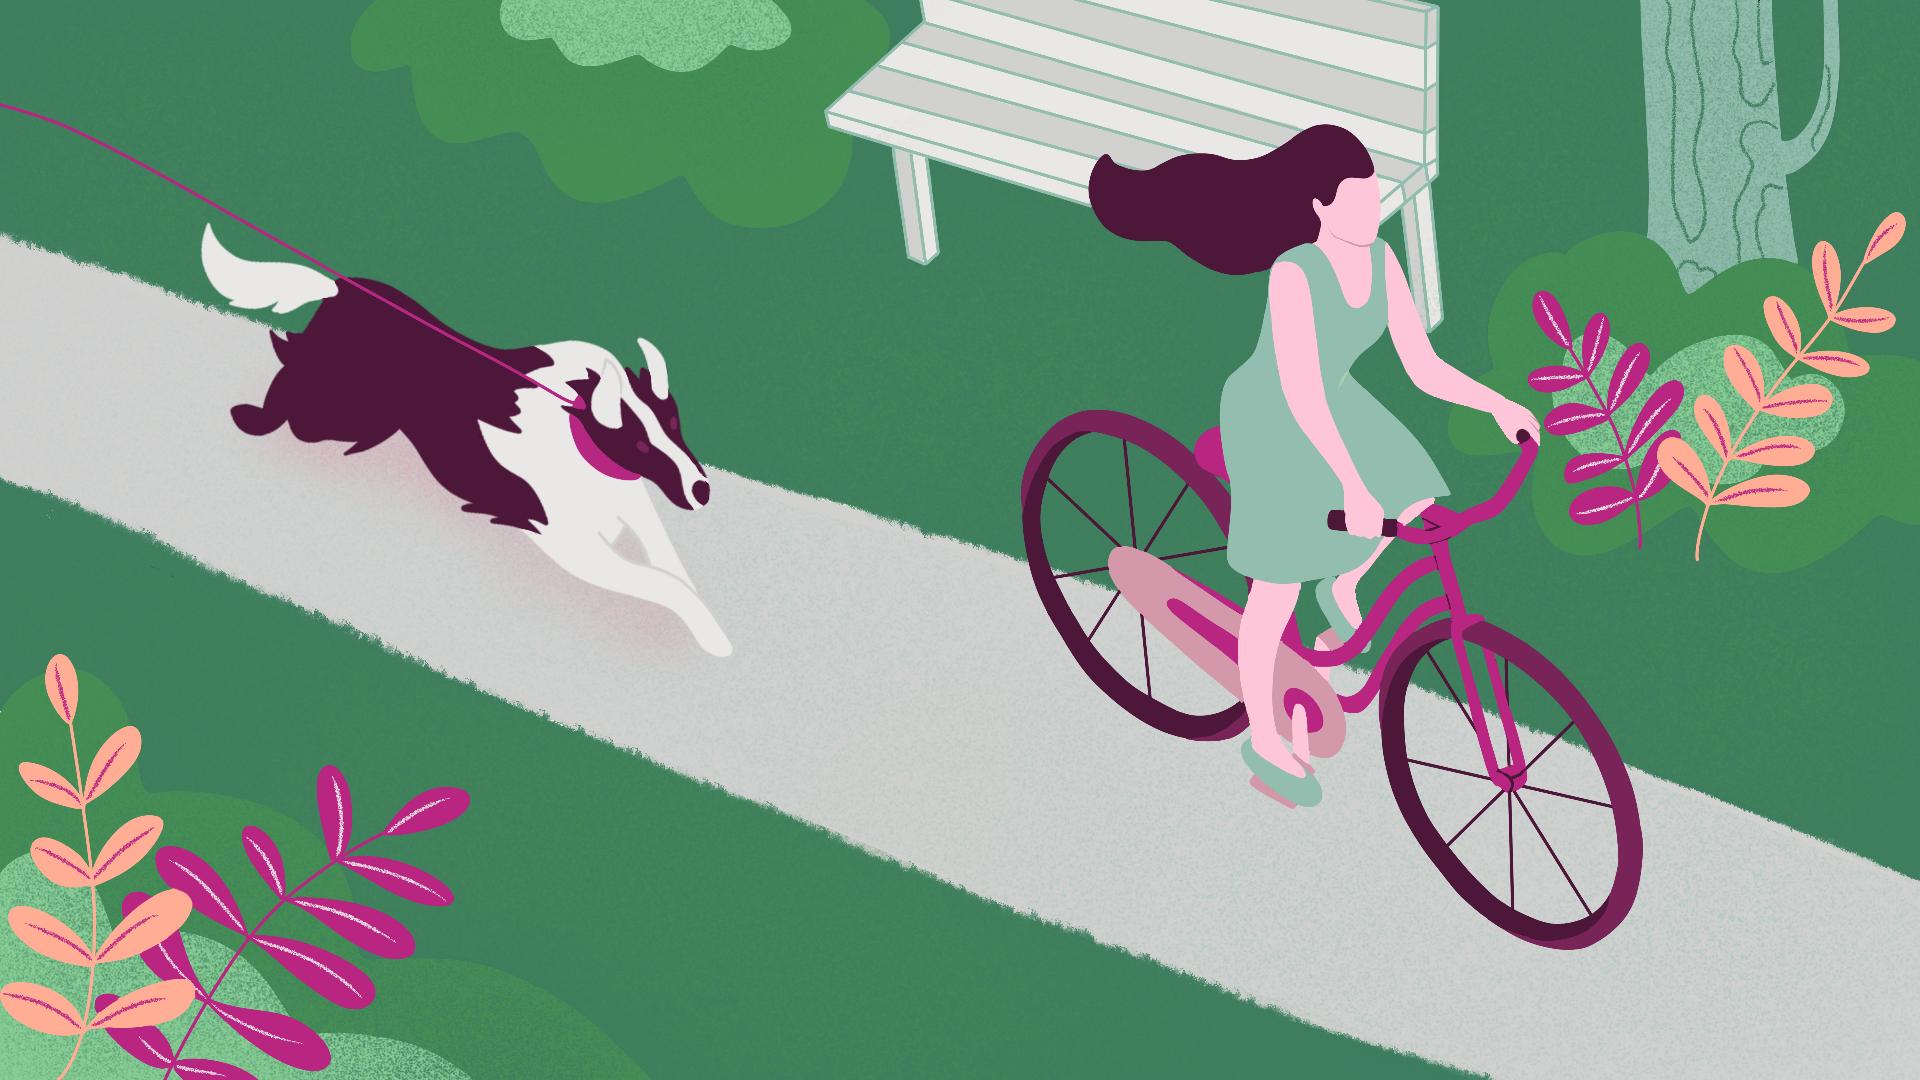 Hoe kun je voorkomen dat je hond achter fietsen aangaat